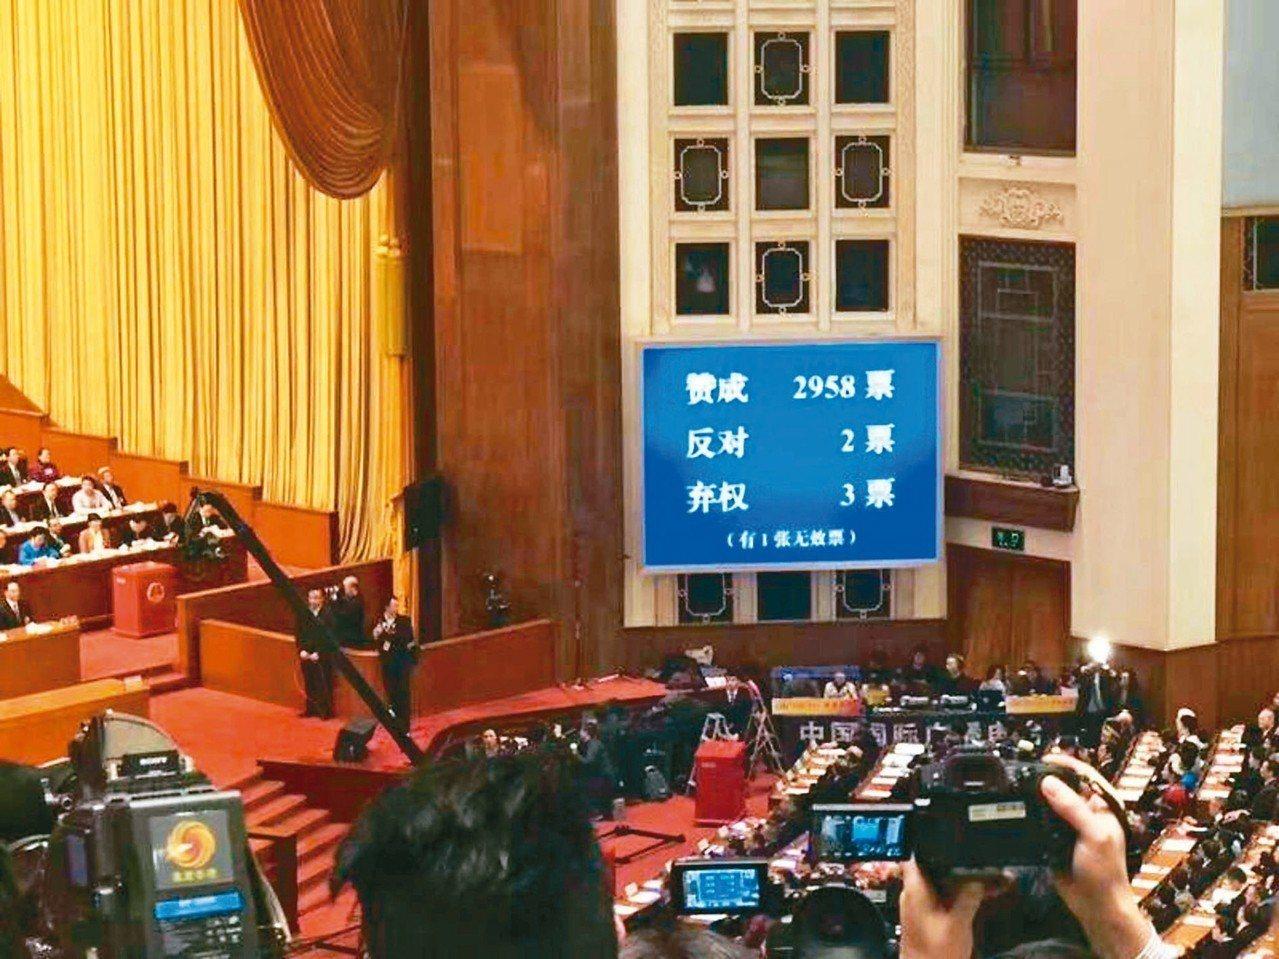 大陸全國人大昨以2958贊成票高票通過修憲案,取消國家主席任期制。 中央社